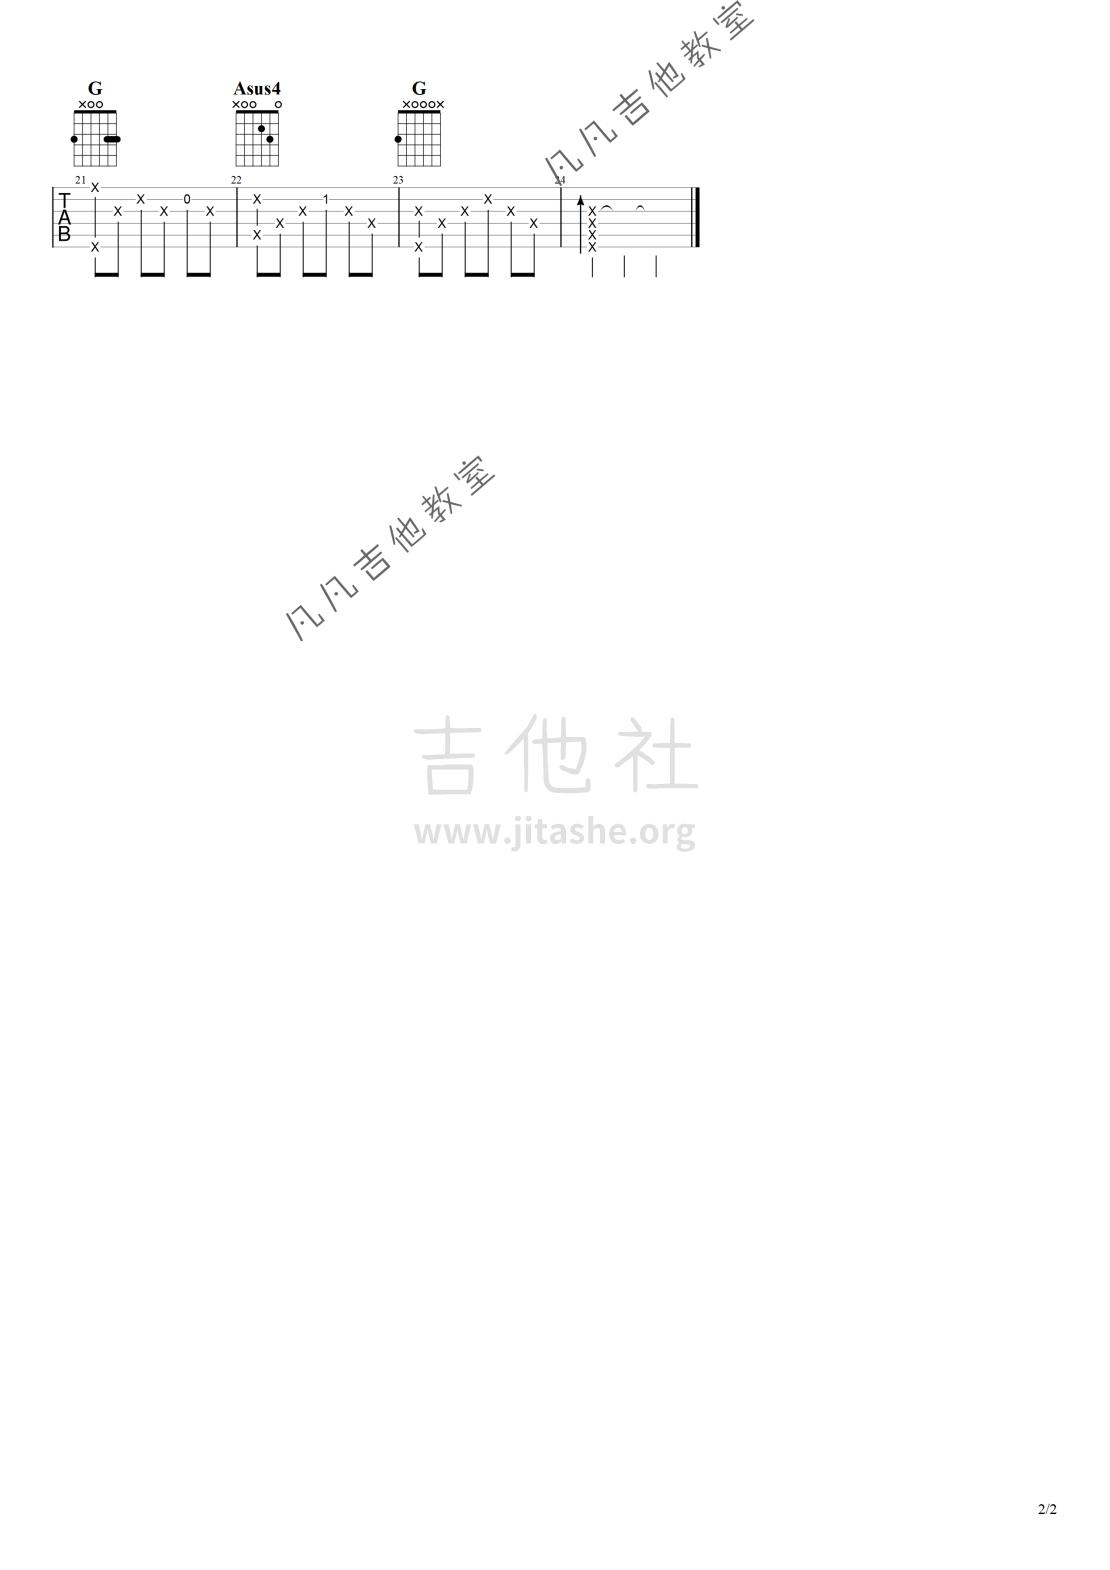 「平安夜」指弹吉他、独奏,简单好听版,送吉他谱,圣诞节快乐!吉他谱(图片谱,岛屿心情,弹唱,乐队版)_原声带(OST;Original Soundtrack;电影)_Silent Night#2.png